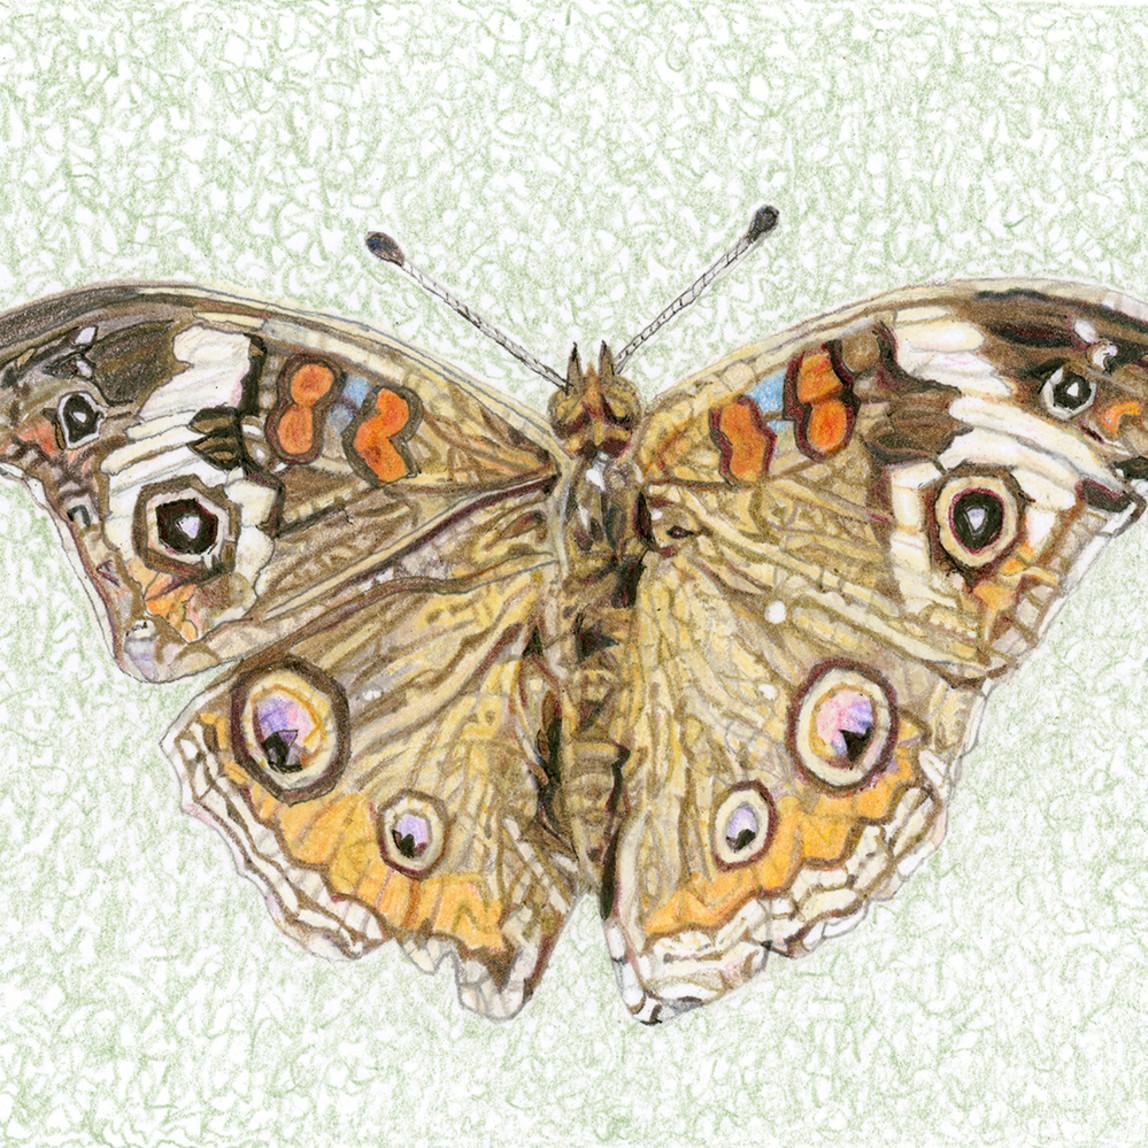 Common buckeye butterfly needlf